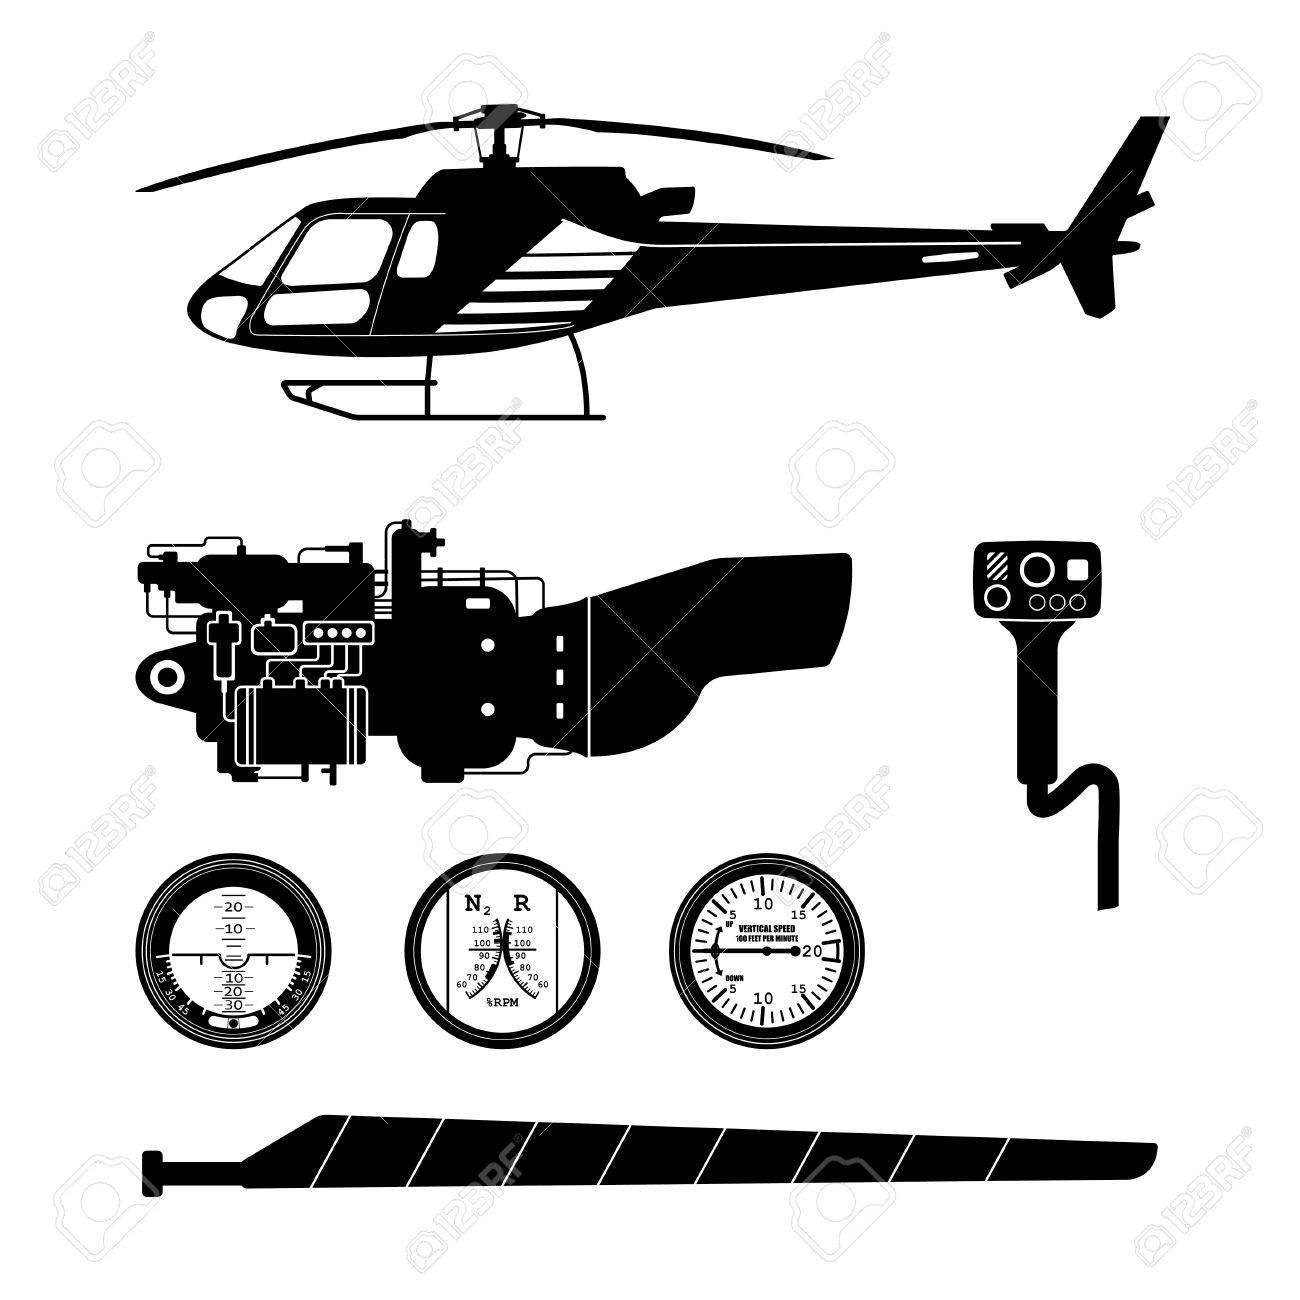 Reparation Et Entretien De L Helicoptere Un Ensemble De Parties De